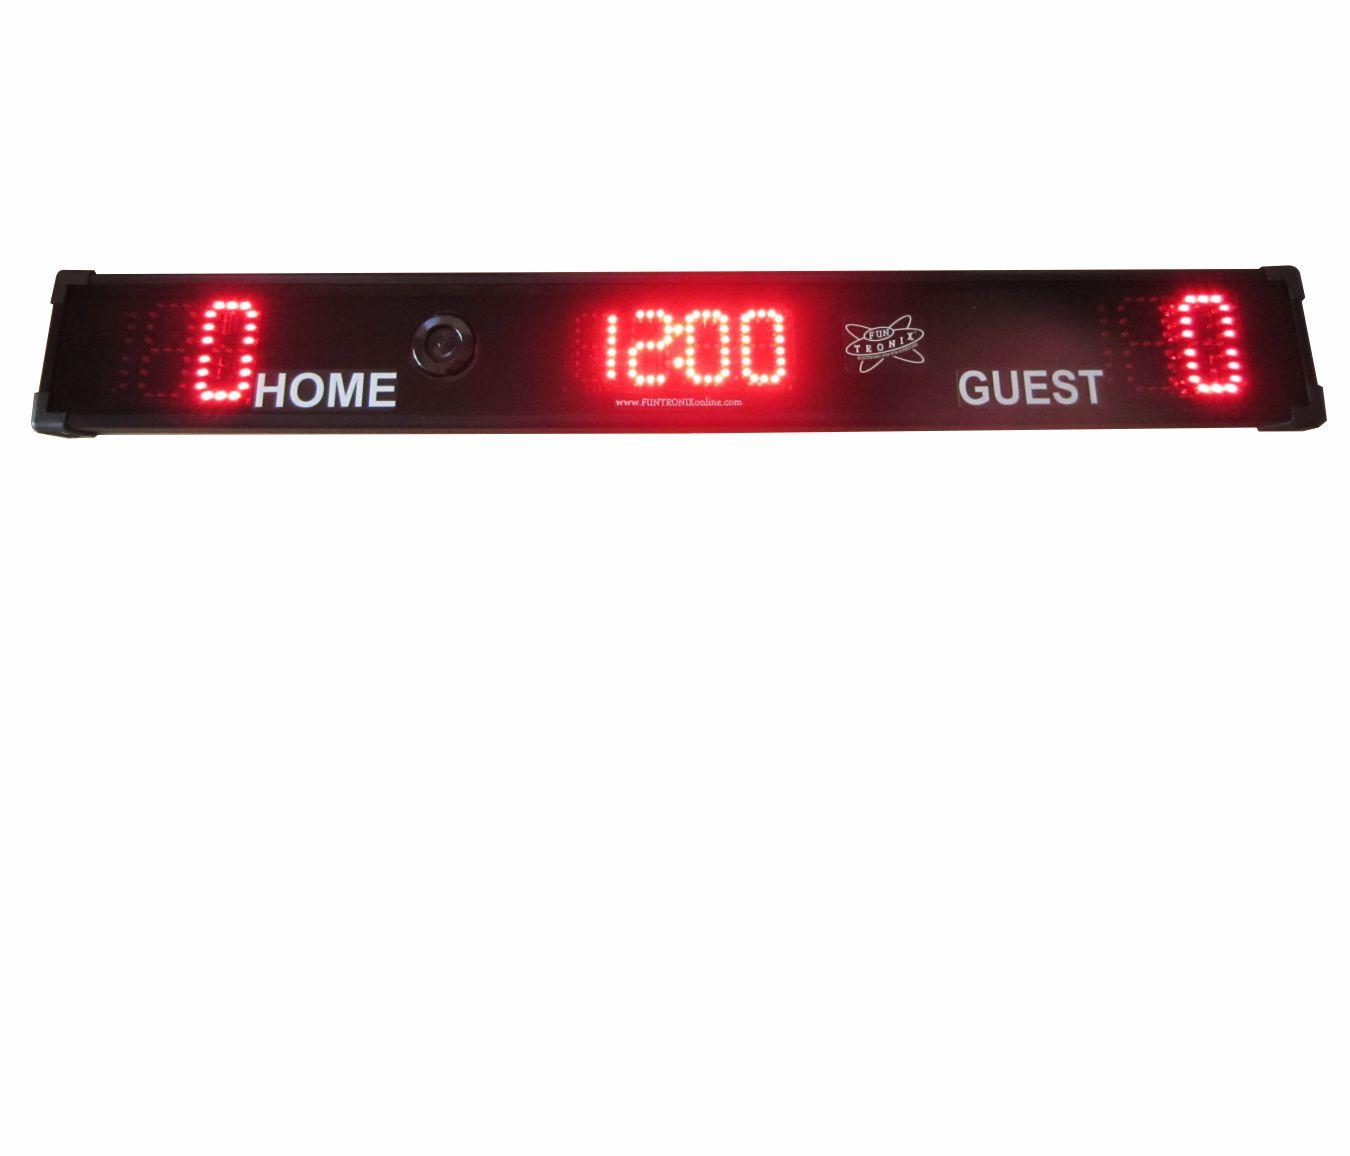 Low-Profile Scoreboard